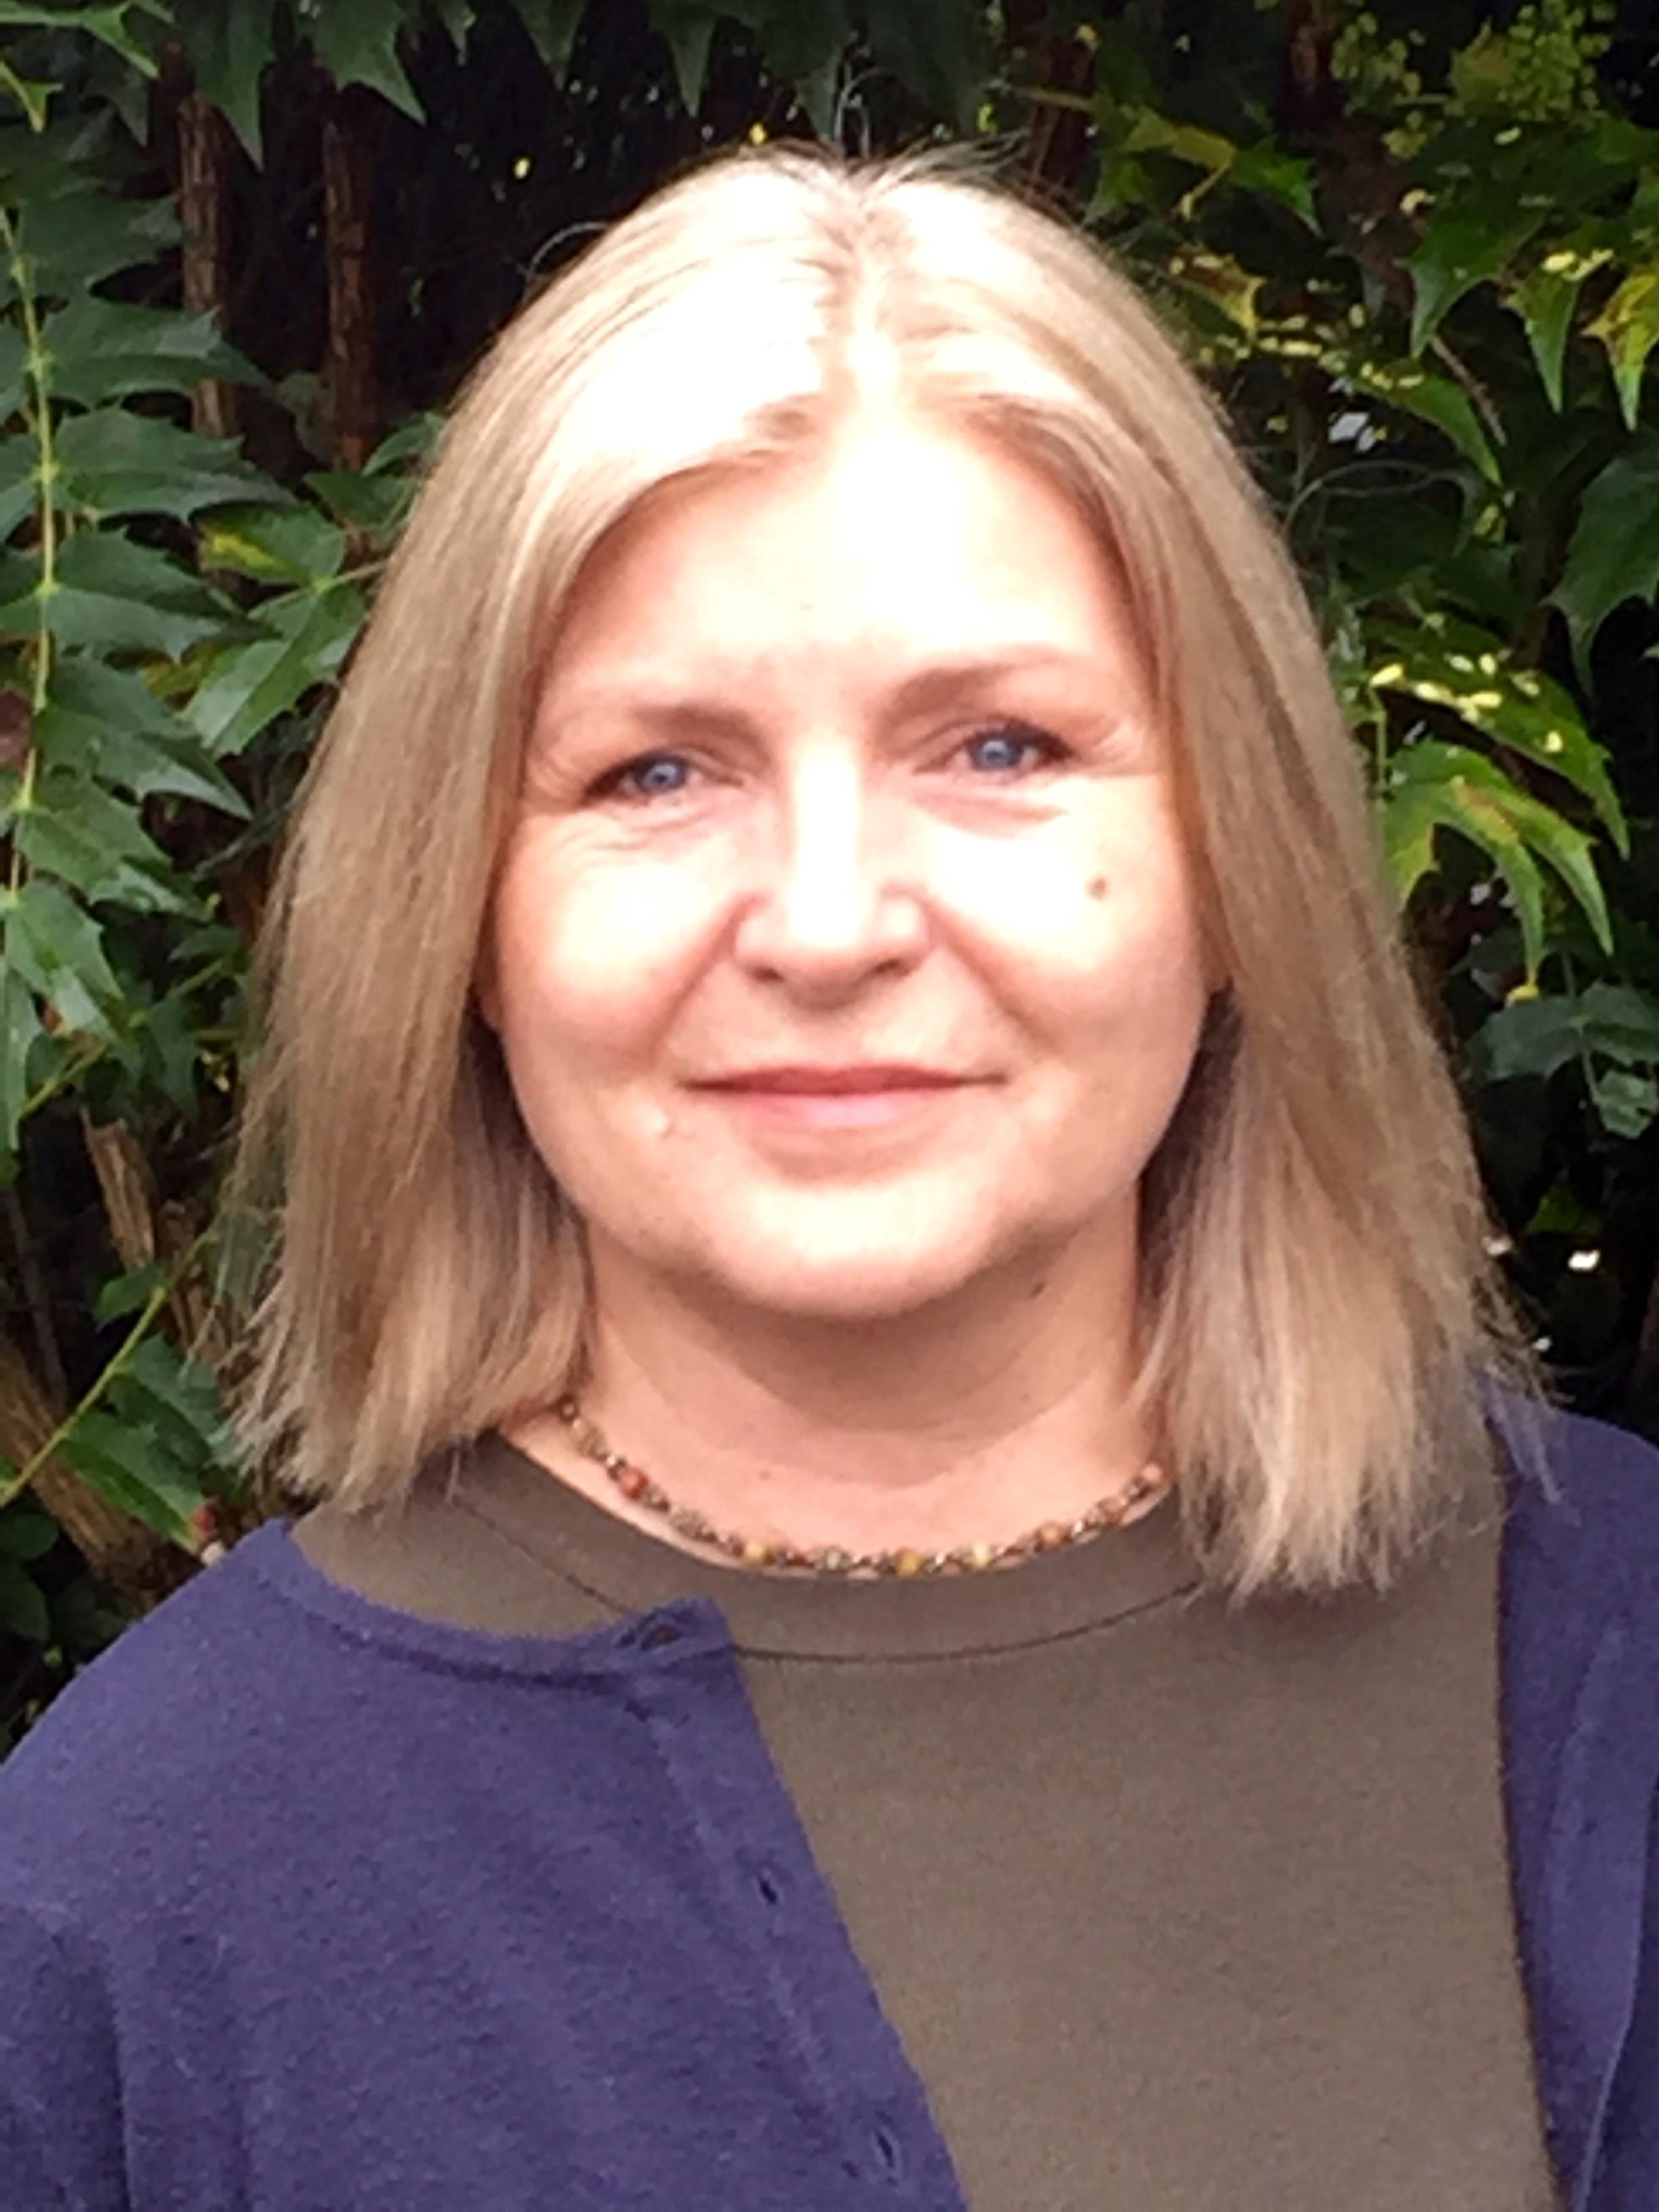 Greta Mikaelsen